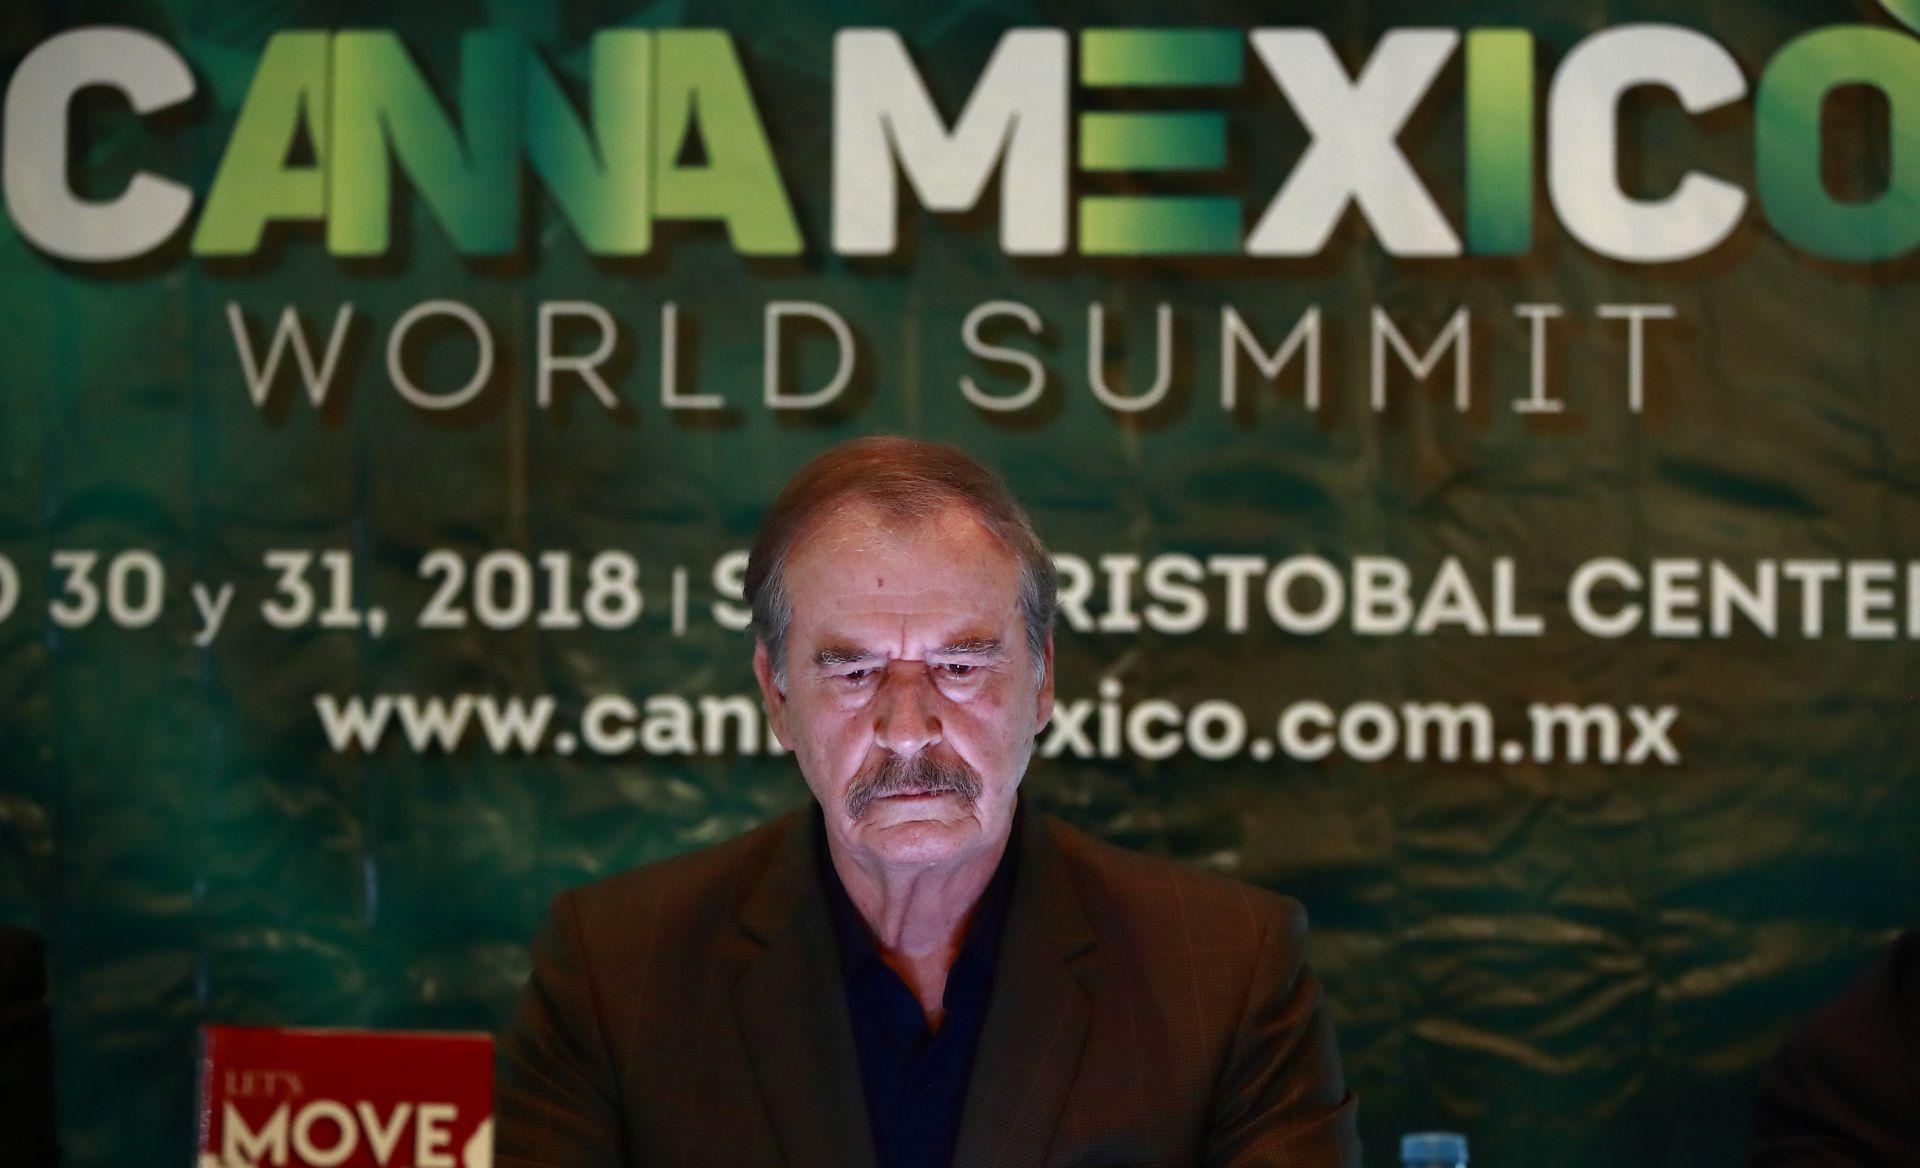 ElexpresidentedeMéxicoVicenteFoxparticipaduranteunaruedadeprensahoy,miércoles11deabrilde2018,paralapresentacióndeunforosobrelaindustriadelcannabis,enCiudaddeMéxico(México)